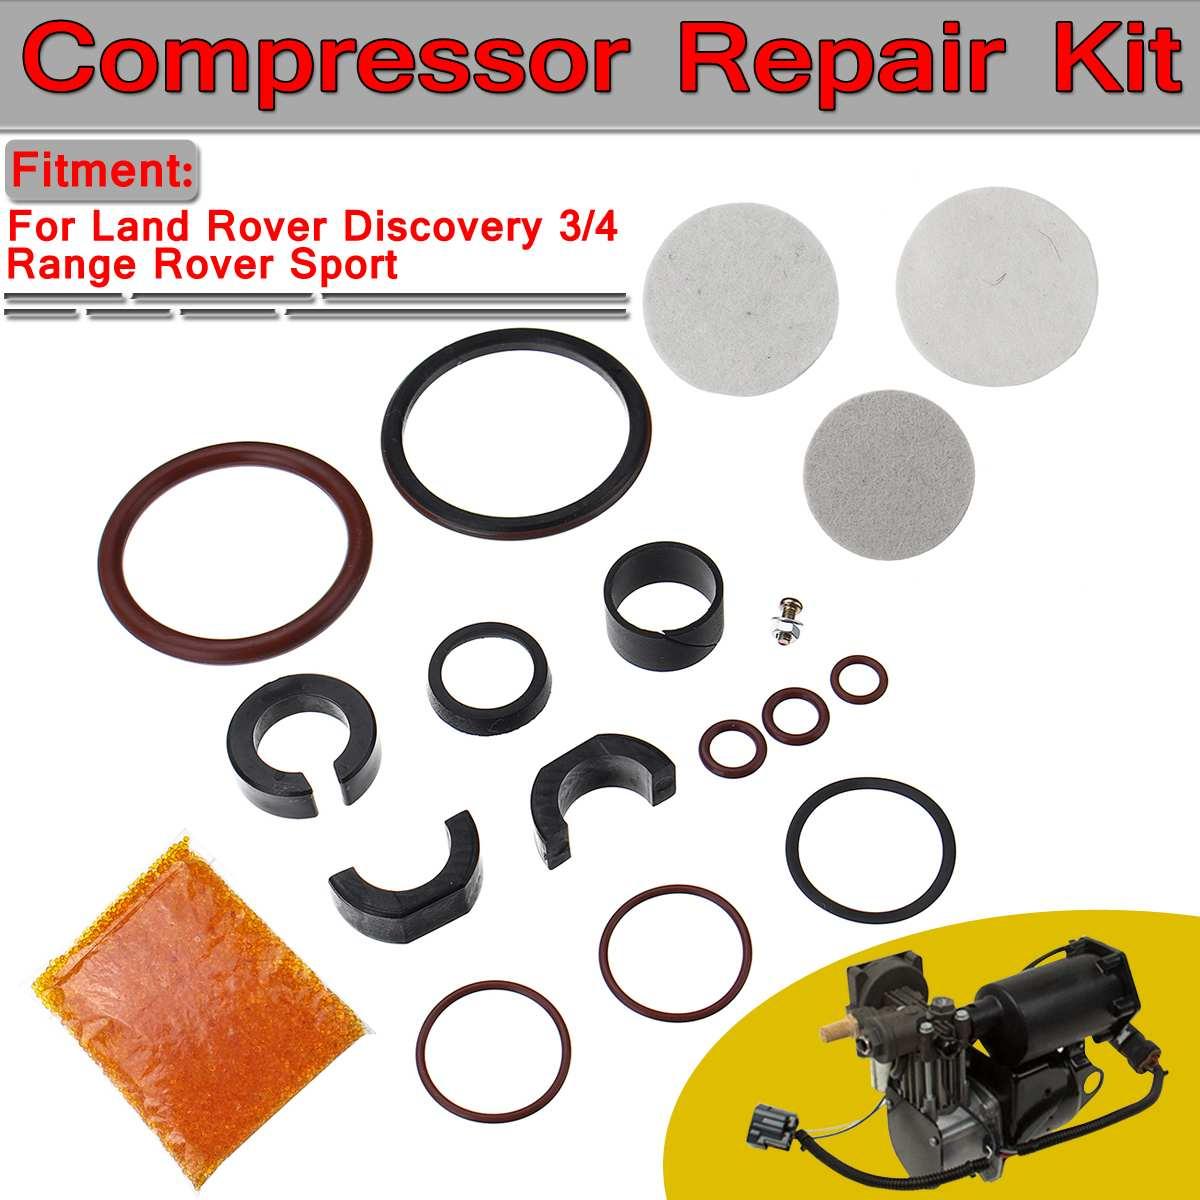 Zawieszenie pneumatyczne samochodu A/C zestaw naprawczy do sprężarki dla Land Rover Discovery 3/4 range Rover sport RQG000017 RQG000018 RQG000019